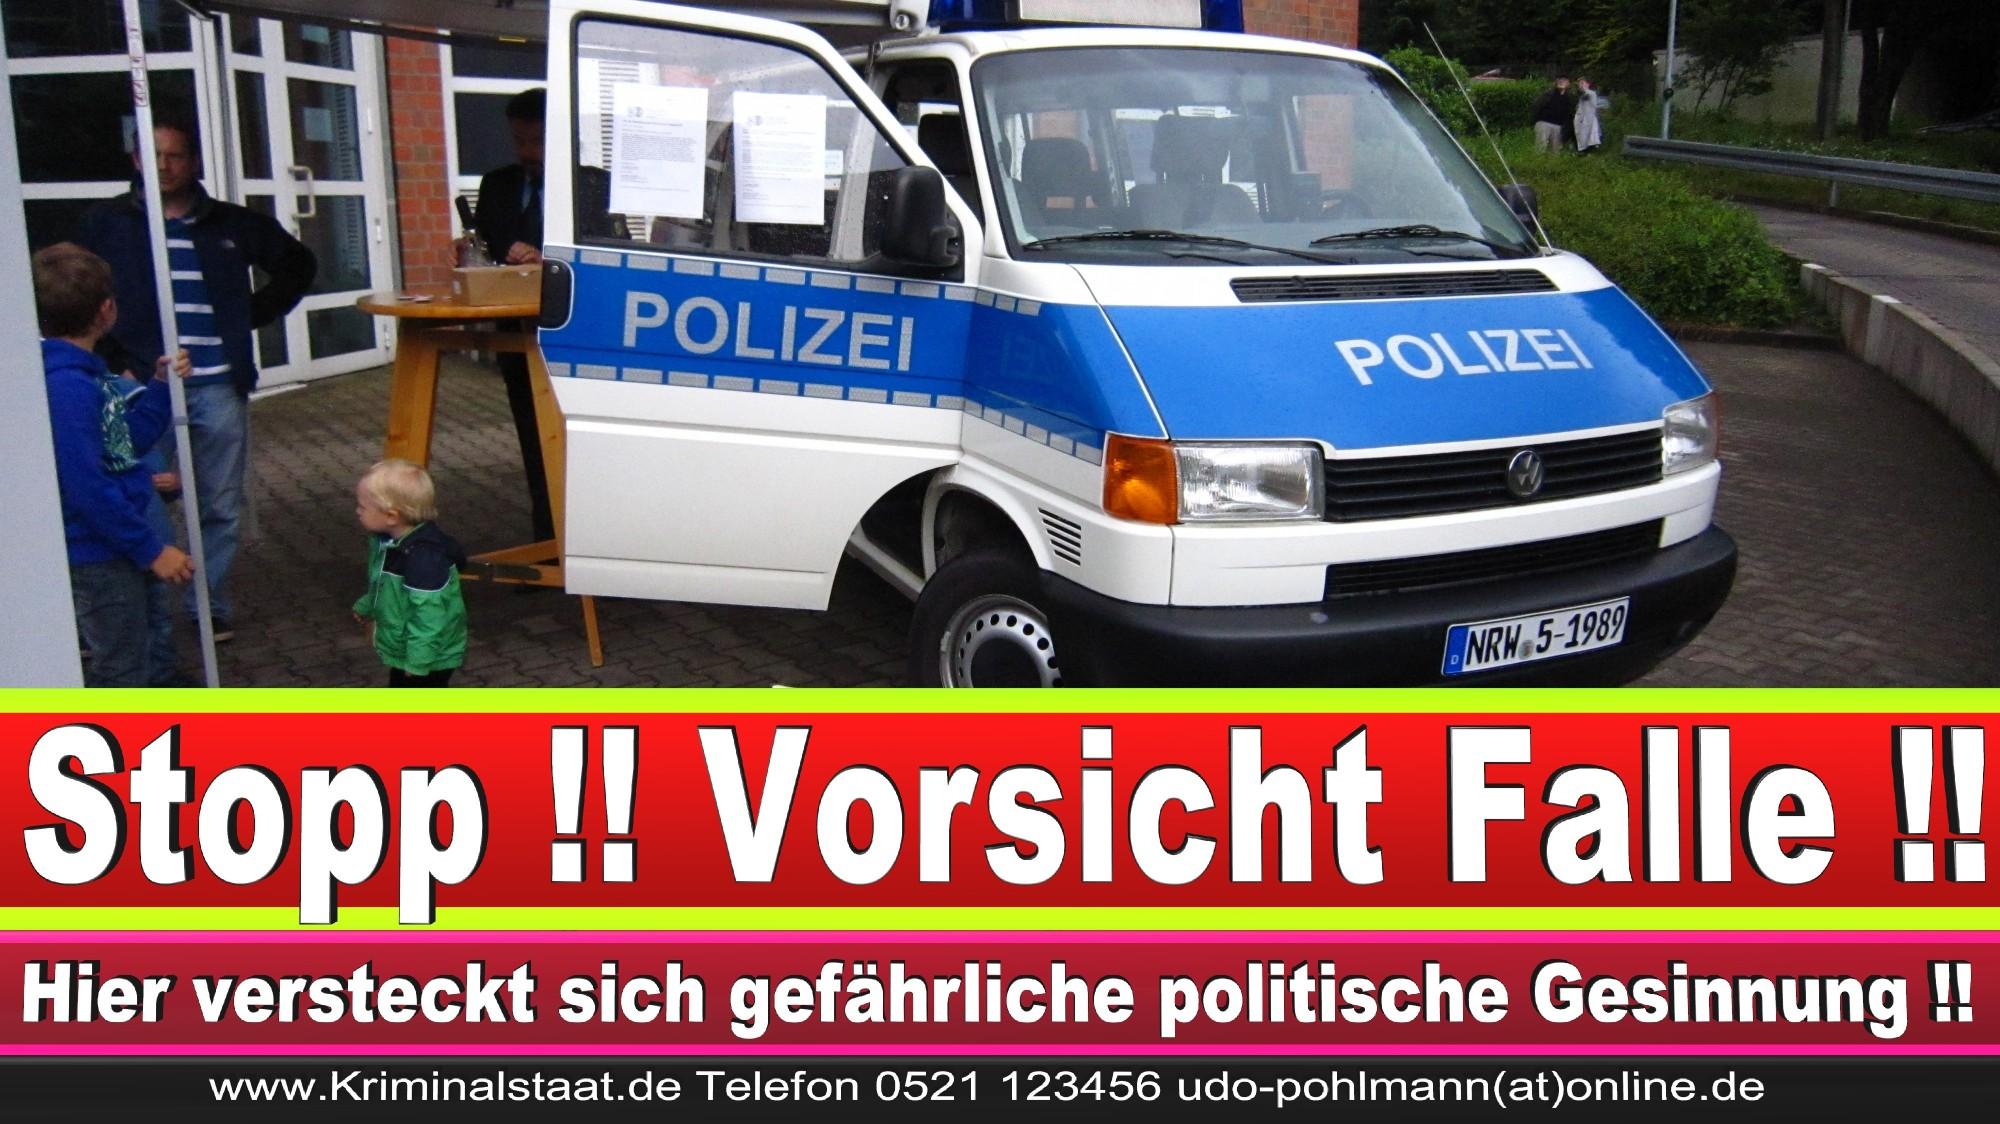 Polizeipräsidentin Katharina Giere Polizei Bielefeld NRW Erwin Südfeld Horst Kruse Polizeiuniform Polizeigewalt DEMONSTRATION Bahnhof (13) 1